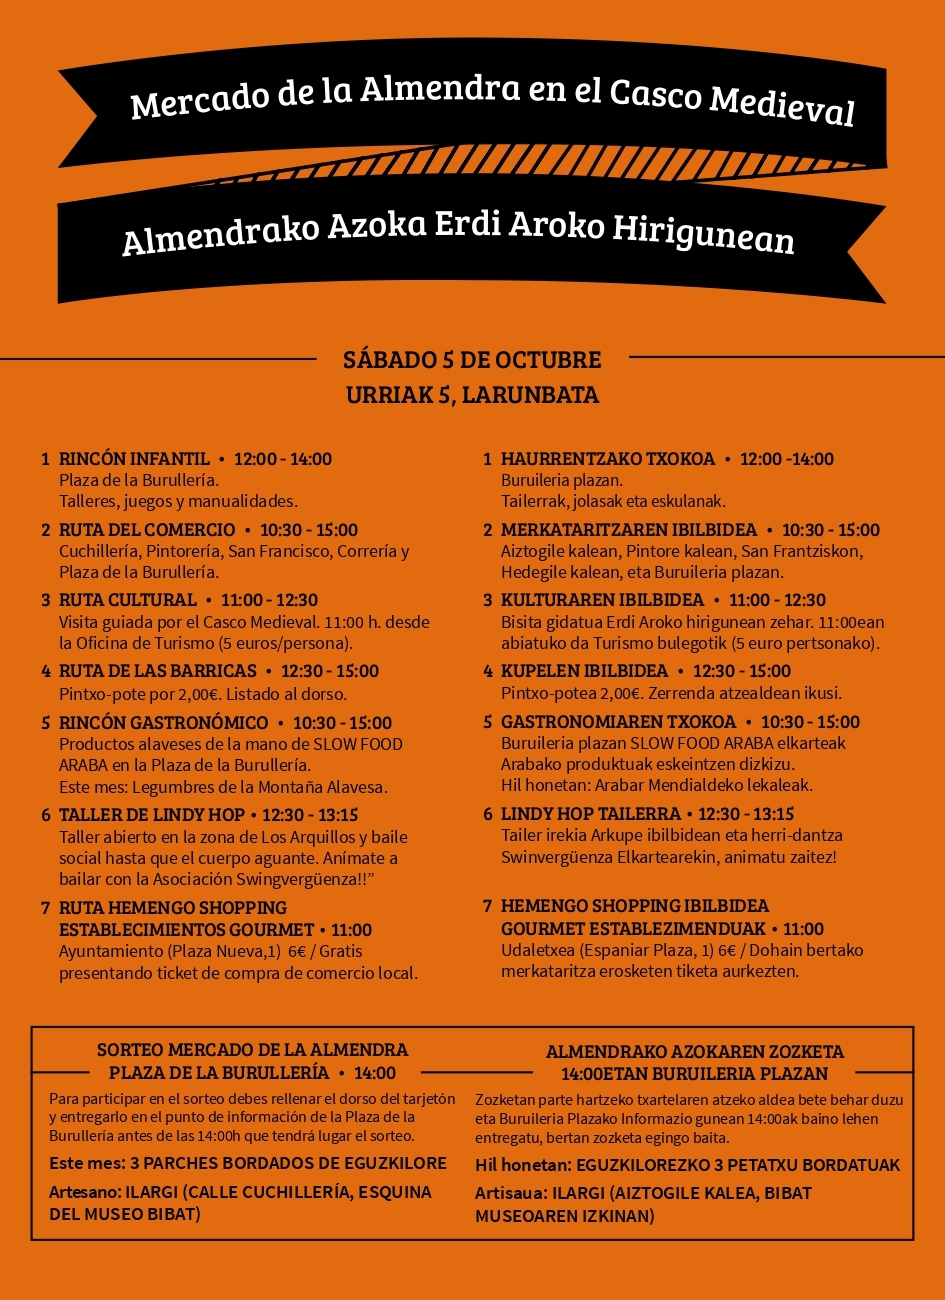 Mercado de la Almendra sábado 5 de octubre